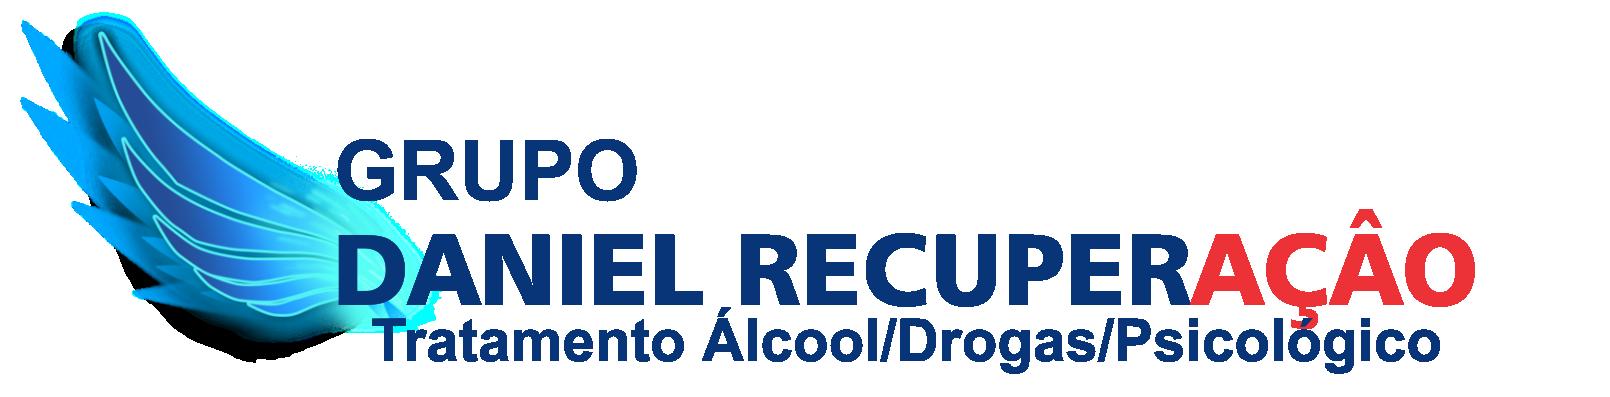 Grupo Daniel Recuperação Internação Dependentes Químicos e Álcool